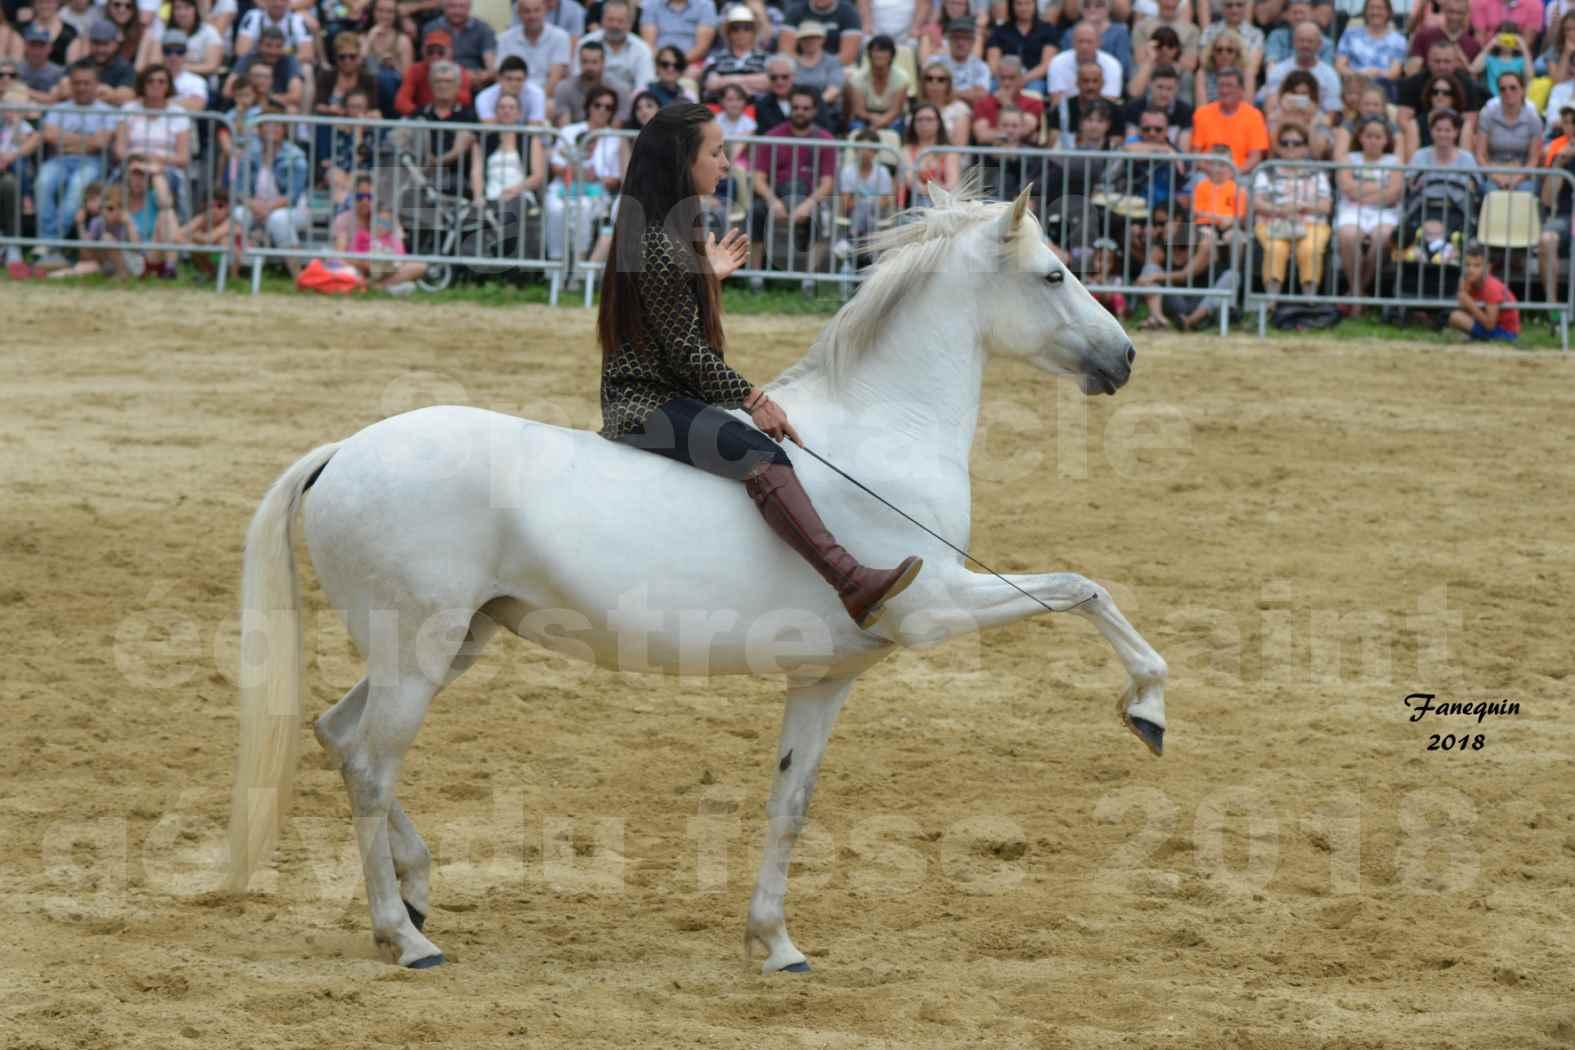 Spectacle Équestre le 3 juin 2018 à Saint Gély du Fesc - 5 chevaux en liberté - Anne Gaëlle BERTHO - 03